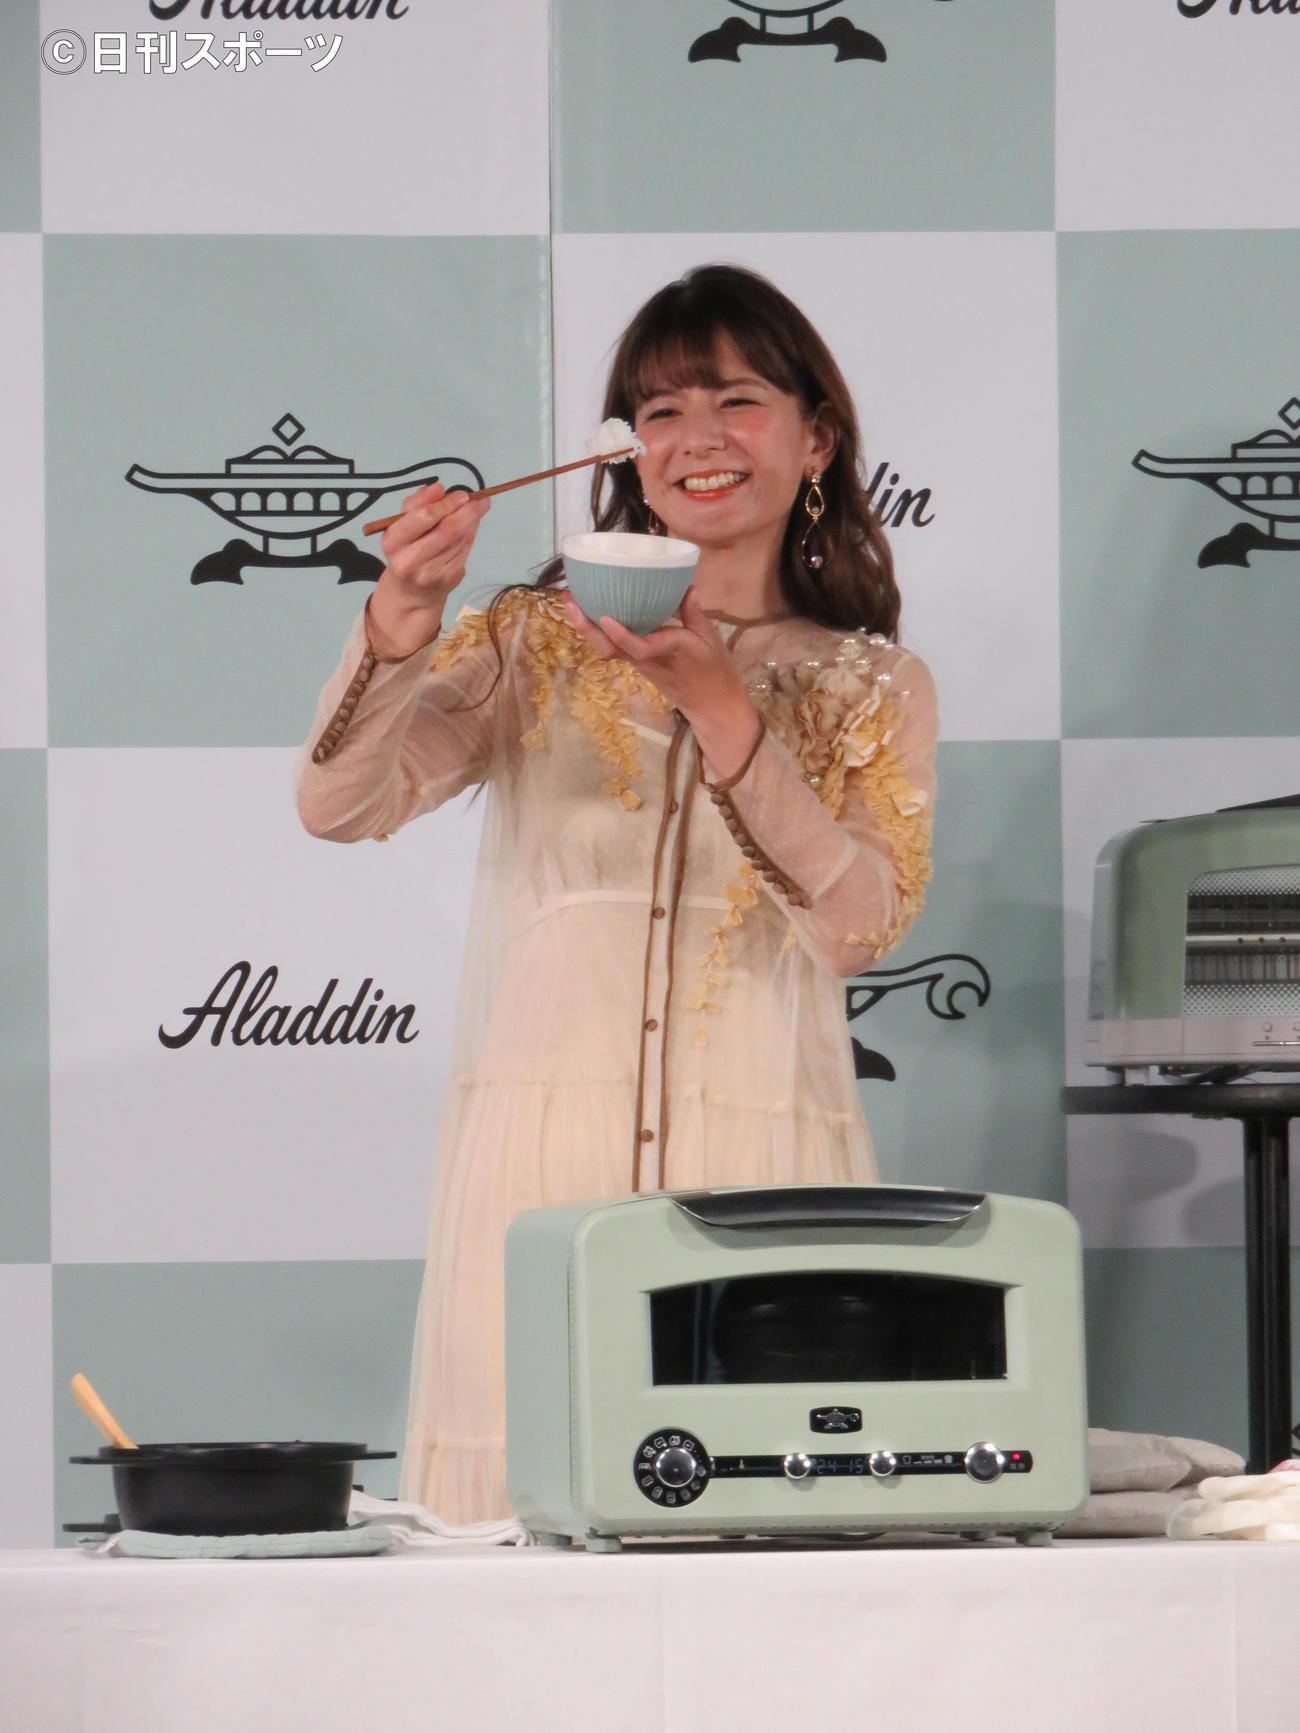 アラジンの新商品発表会で調理を行ったスザンヌ